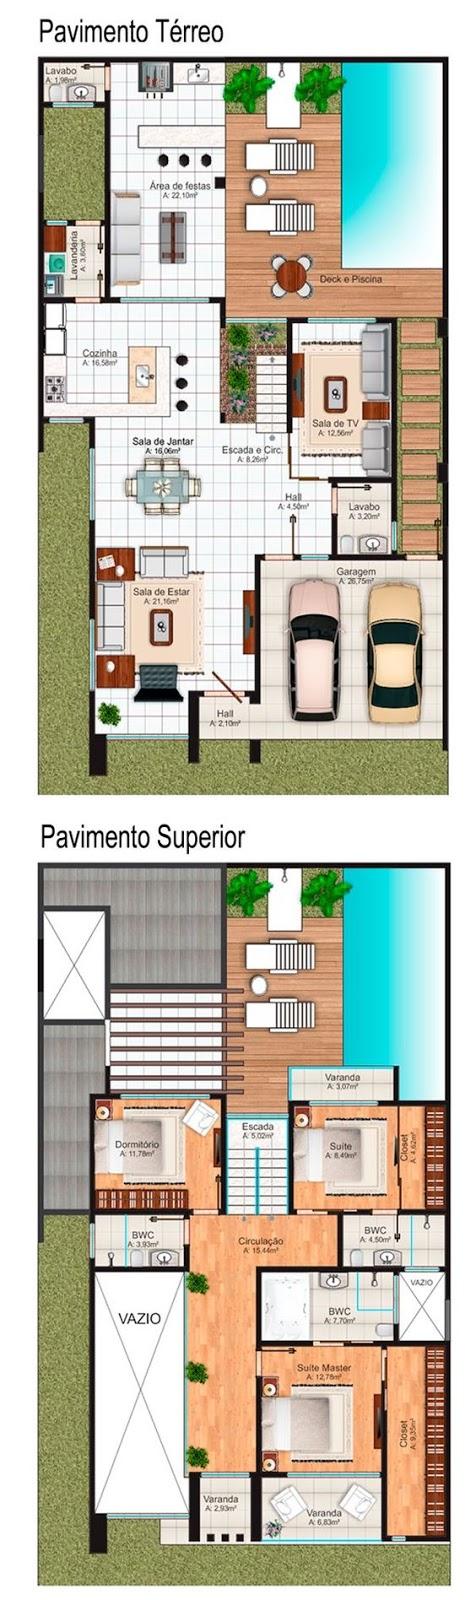 Duplex House floor plan in Belo Horizonte 267 square meters with 4 bedrooms